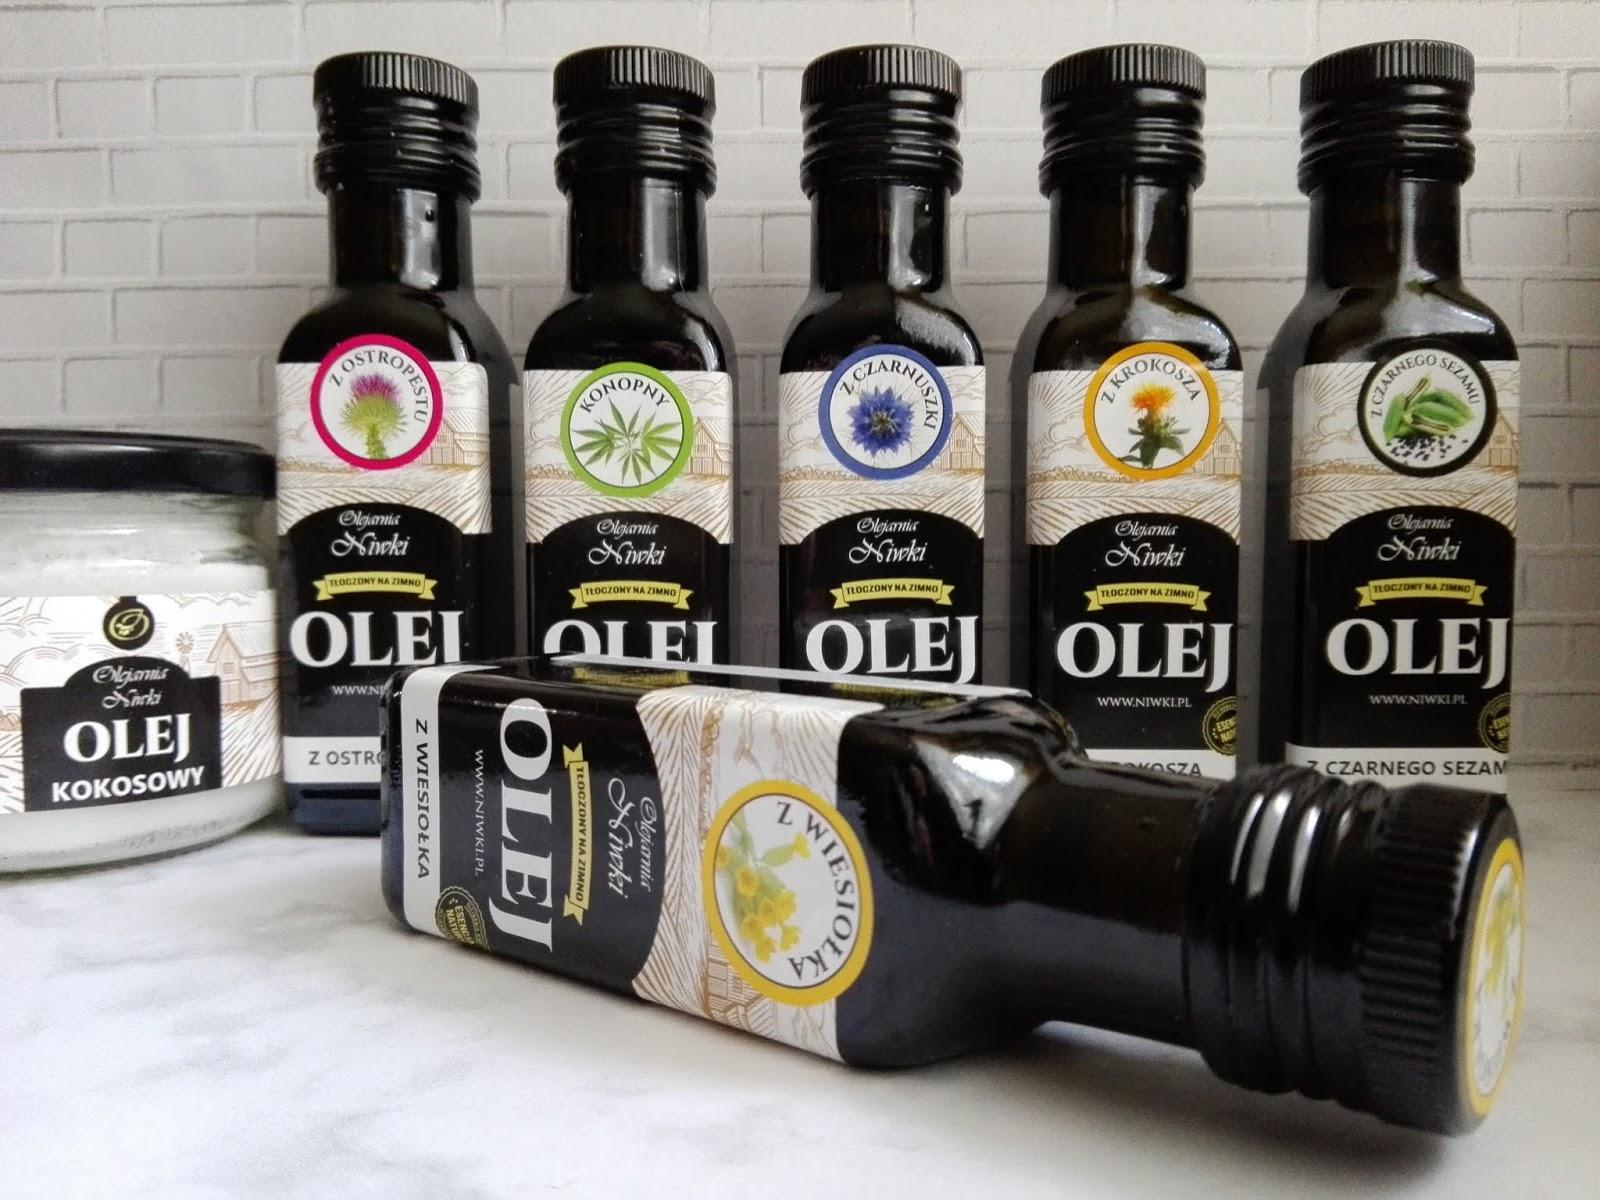 Olej z wiesiołka - w kuchni i w pielęgnacji